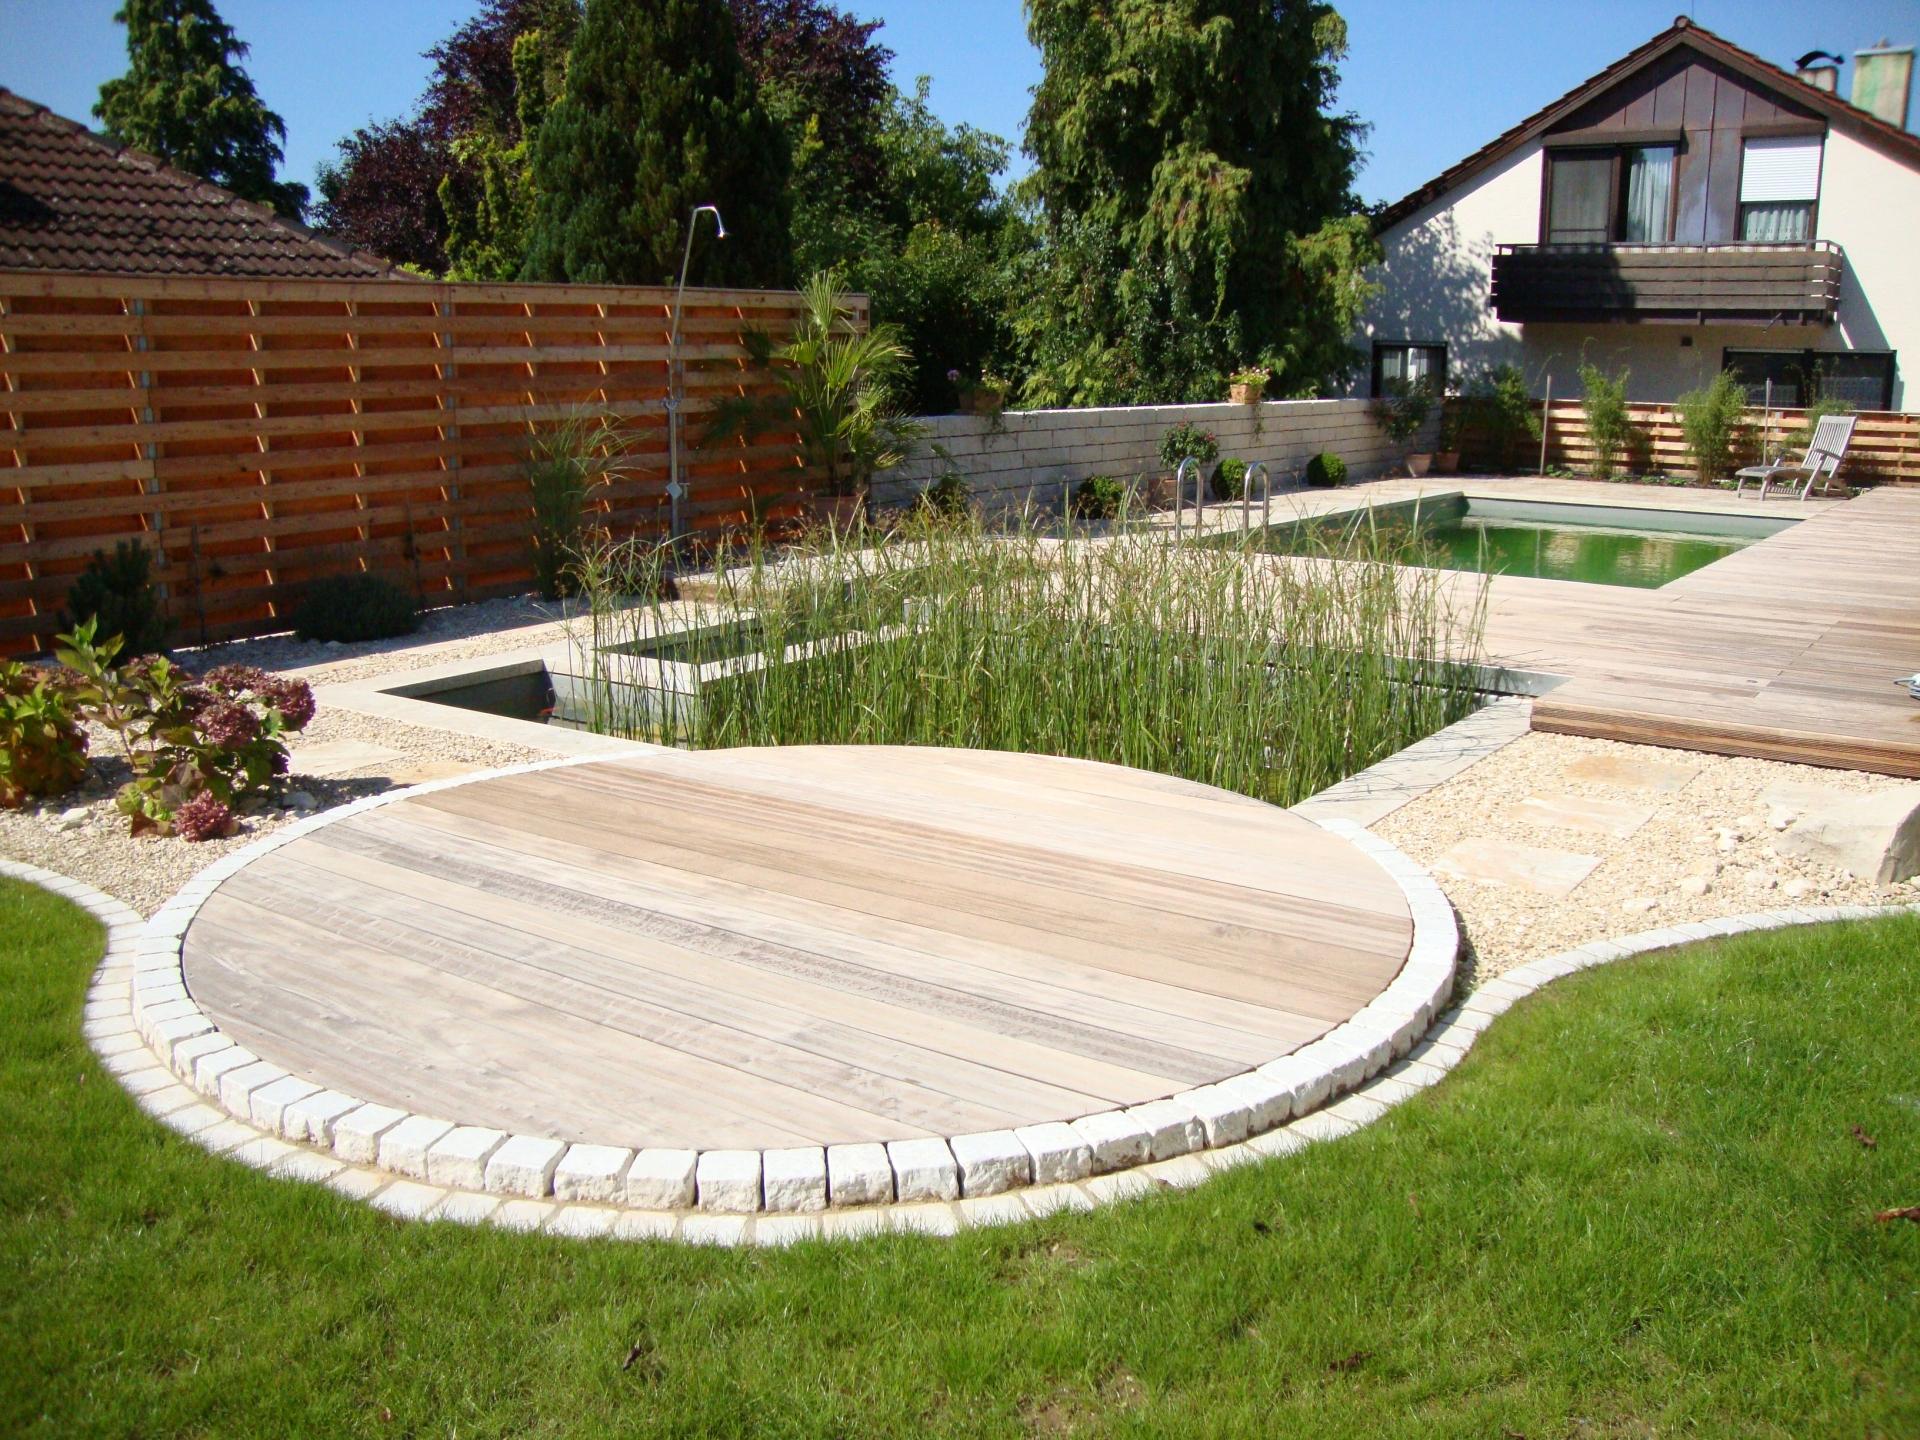 Garten gestalten mit holz  Download Garten Gestalten Mit Holz | lyfa.info